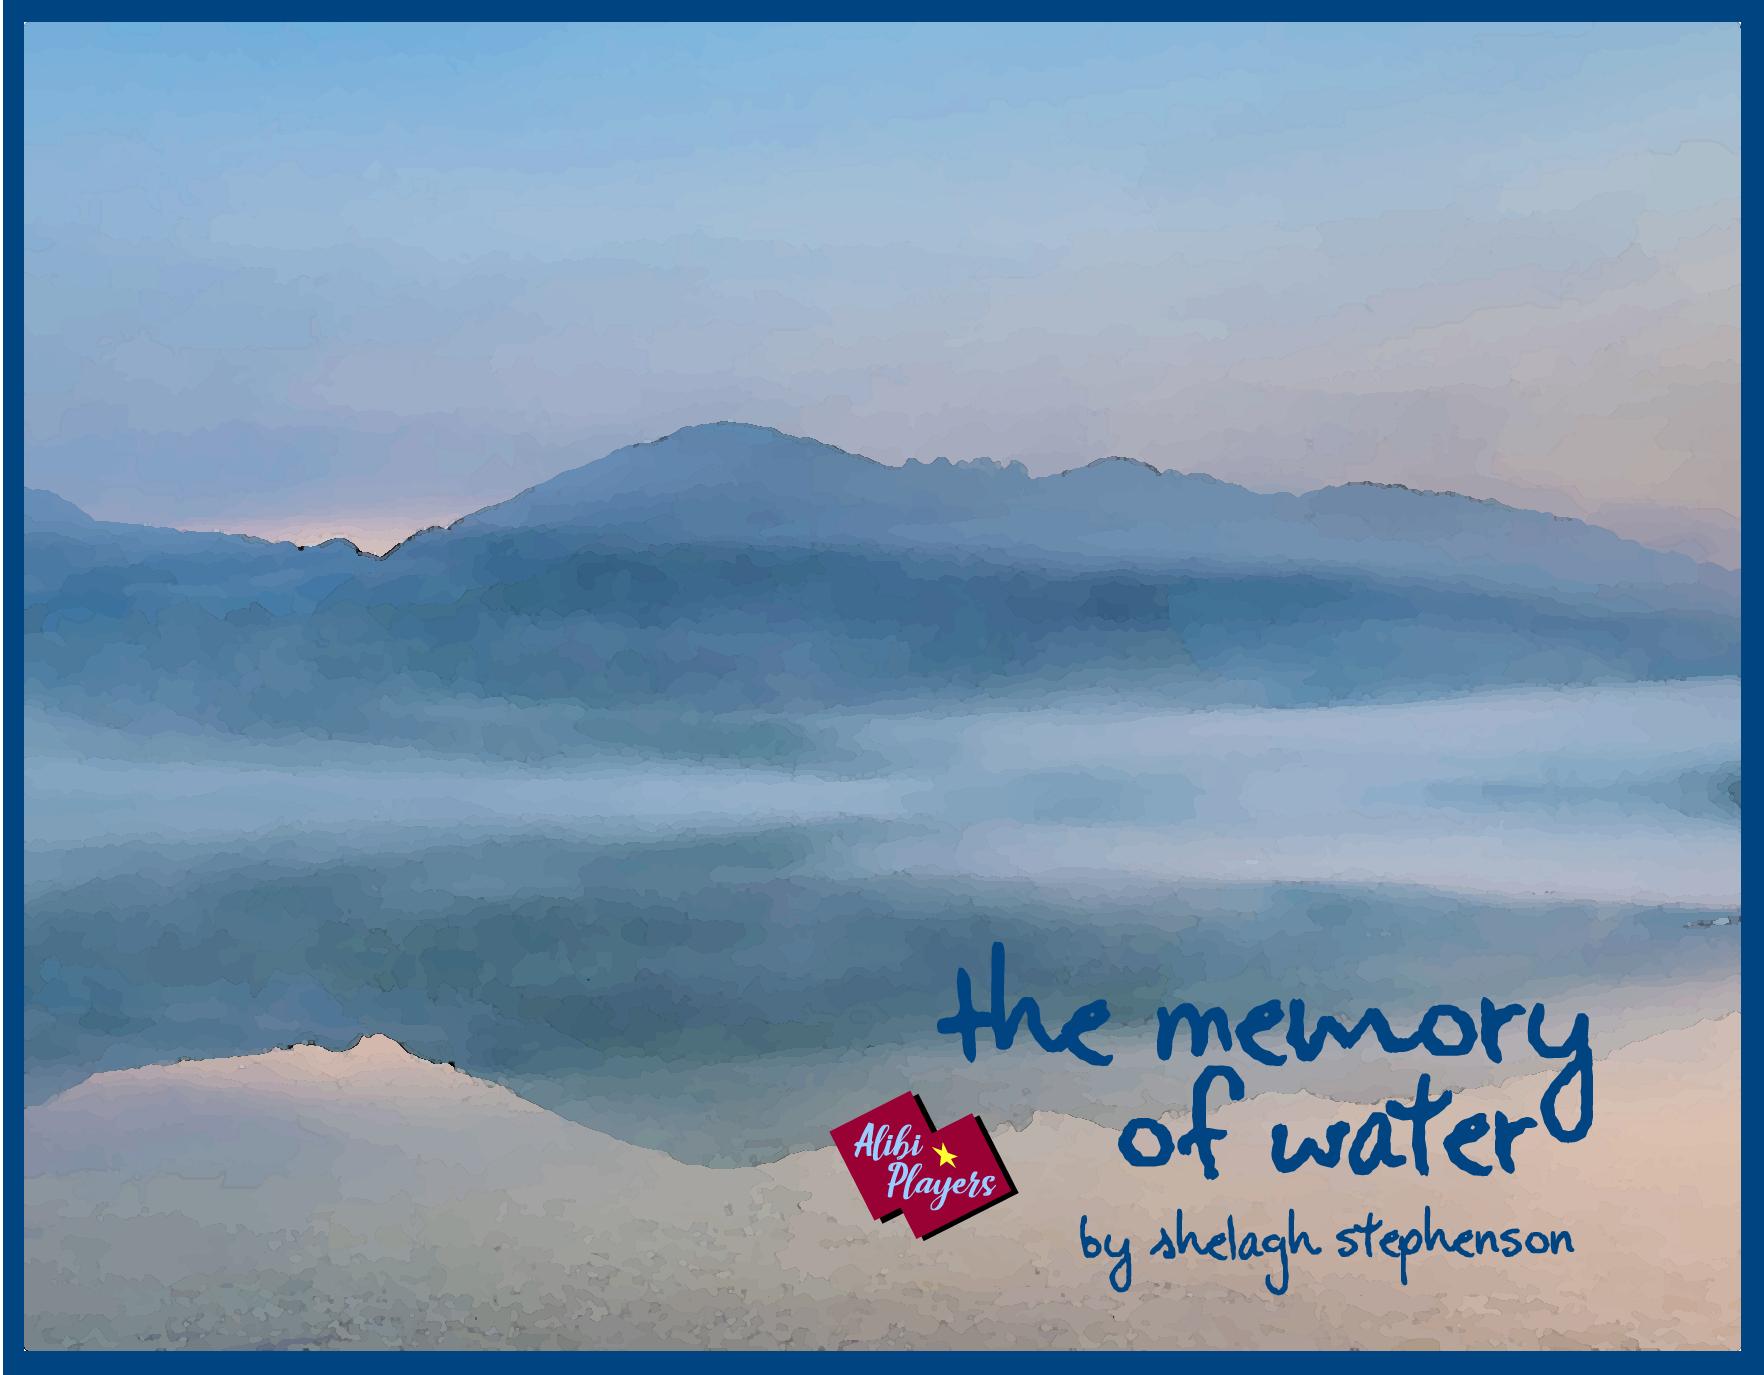 ALIBI_The Memory of Water logo2